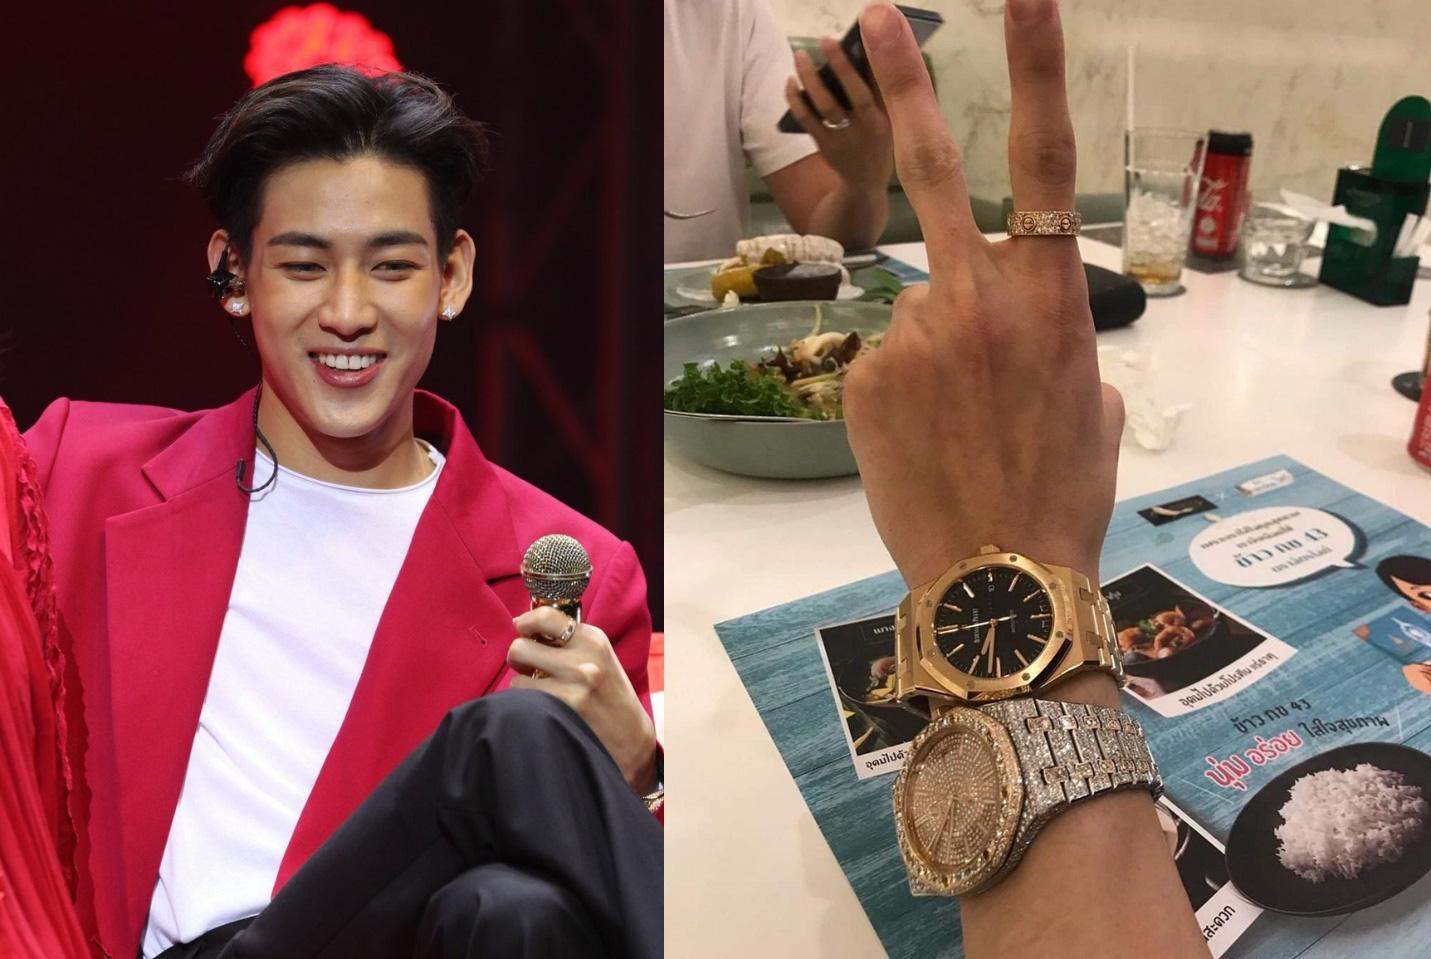 Soi cổ tay sao Hàn: Toàn đồng hồ tiền tỉ đẳng cấp - Ảnh 6.